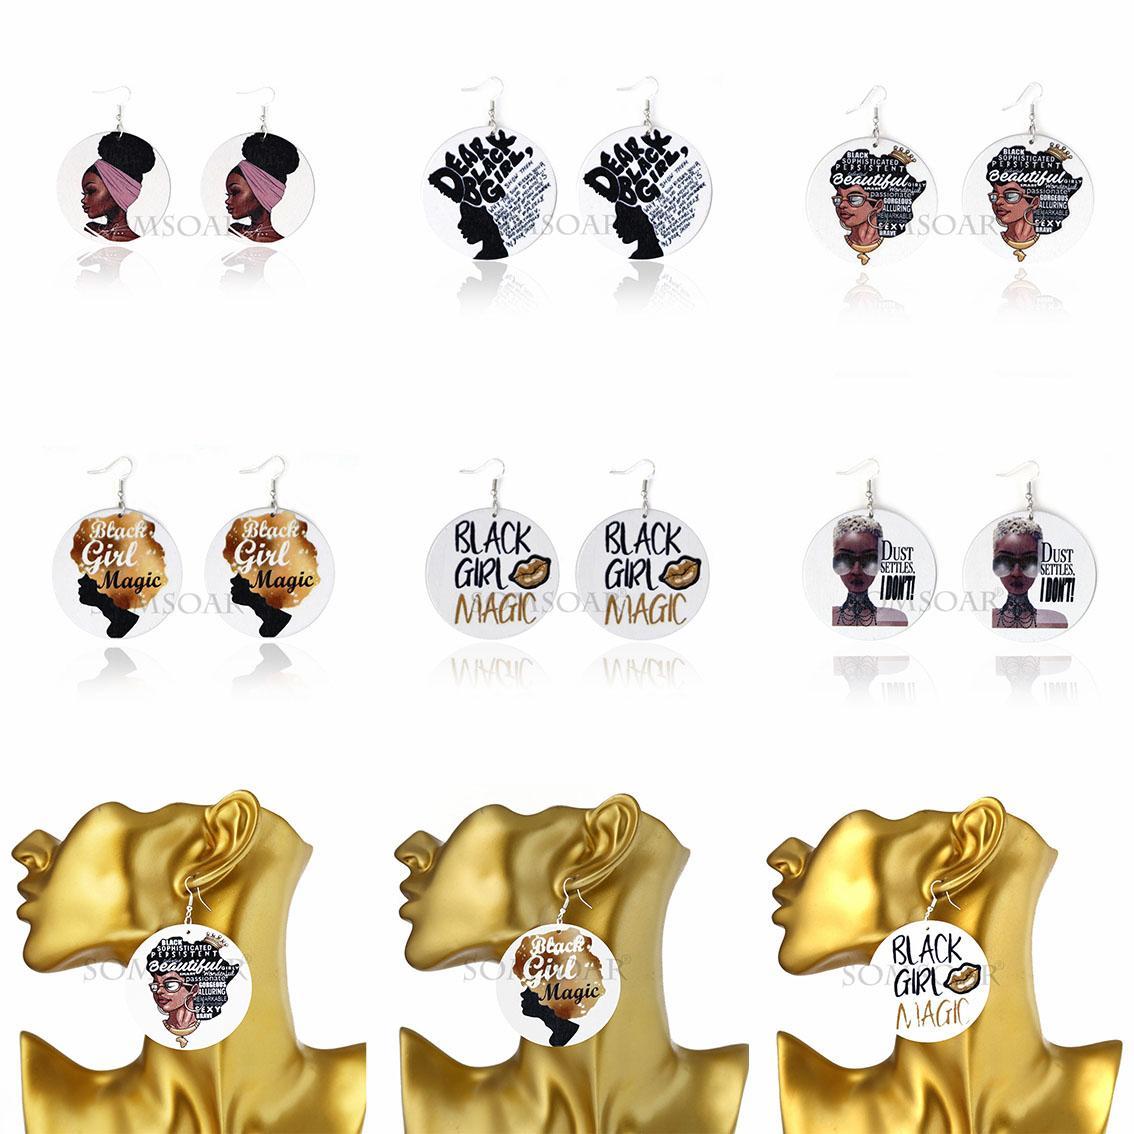 6Styles 아프리카 헤드 나무 펜던트 귀걸이 매달려 라운드 인쇄 된 편지 나무 후프 귀걸이 귀고리 귀 후크 여성 디자이너 보석 선물